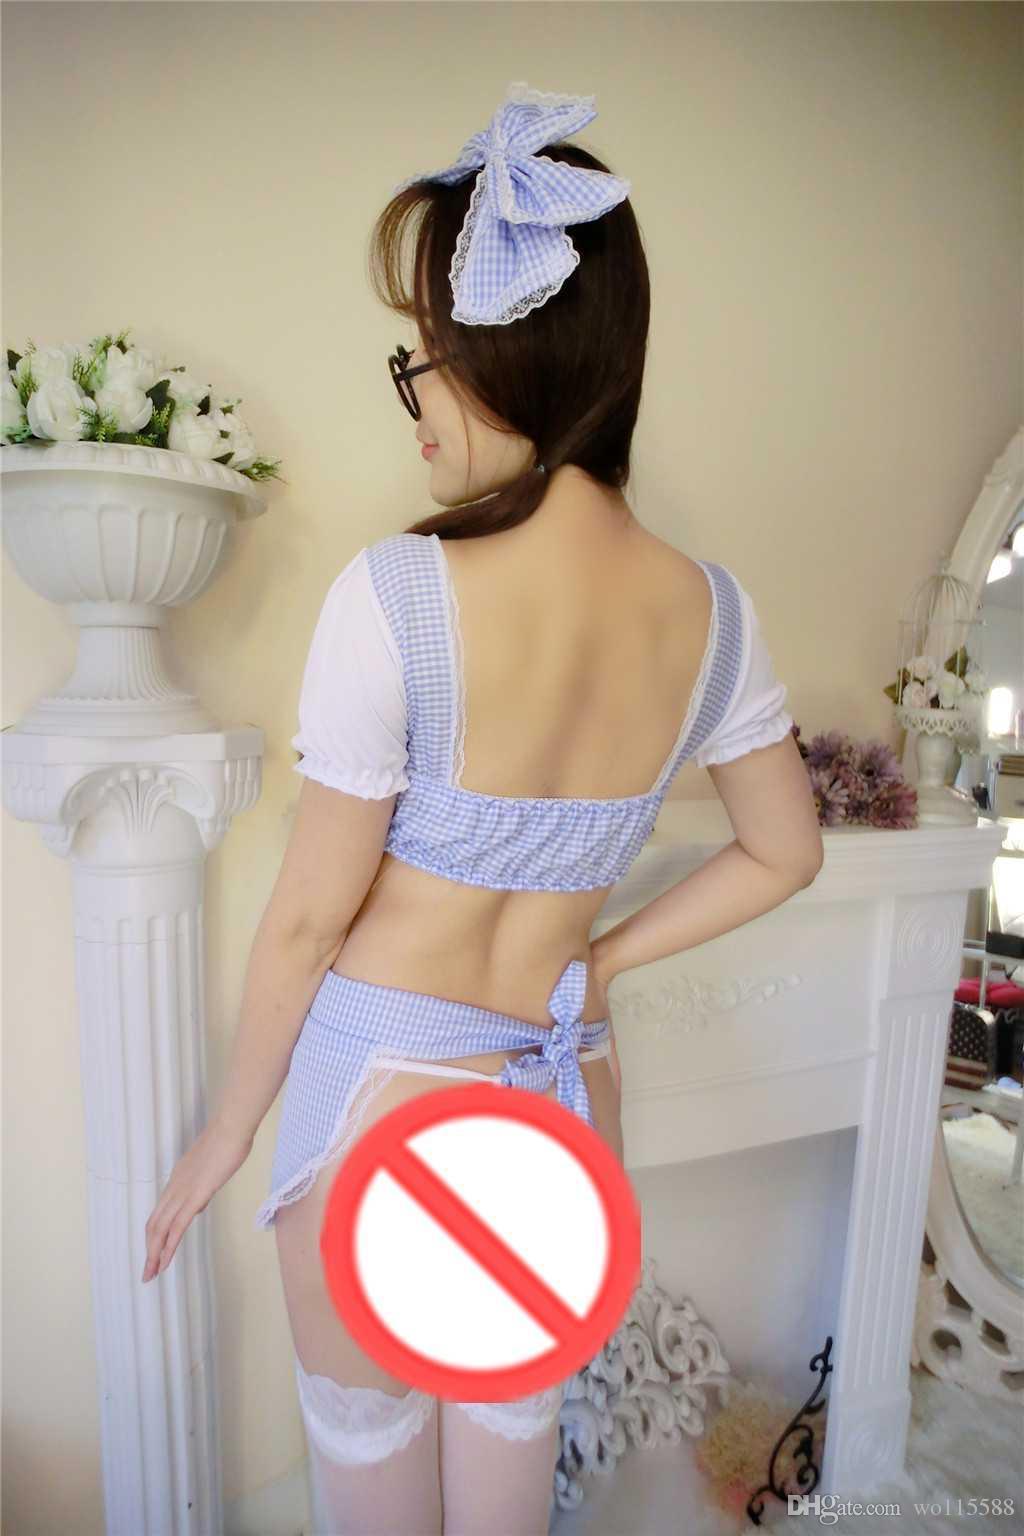 Frete Grátis lingerie sexy Roupa Interior Bonito Da Empregada Doméstica Aventais Saia Saia Curta PP Extrema Tentação SM Role Play Cauda Leaky Maid Menina Pijamas